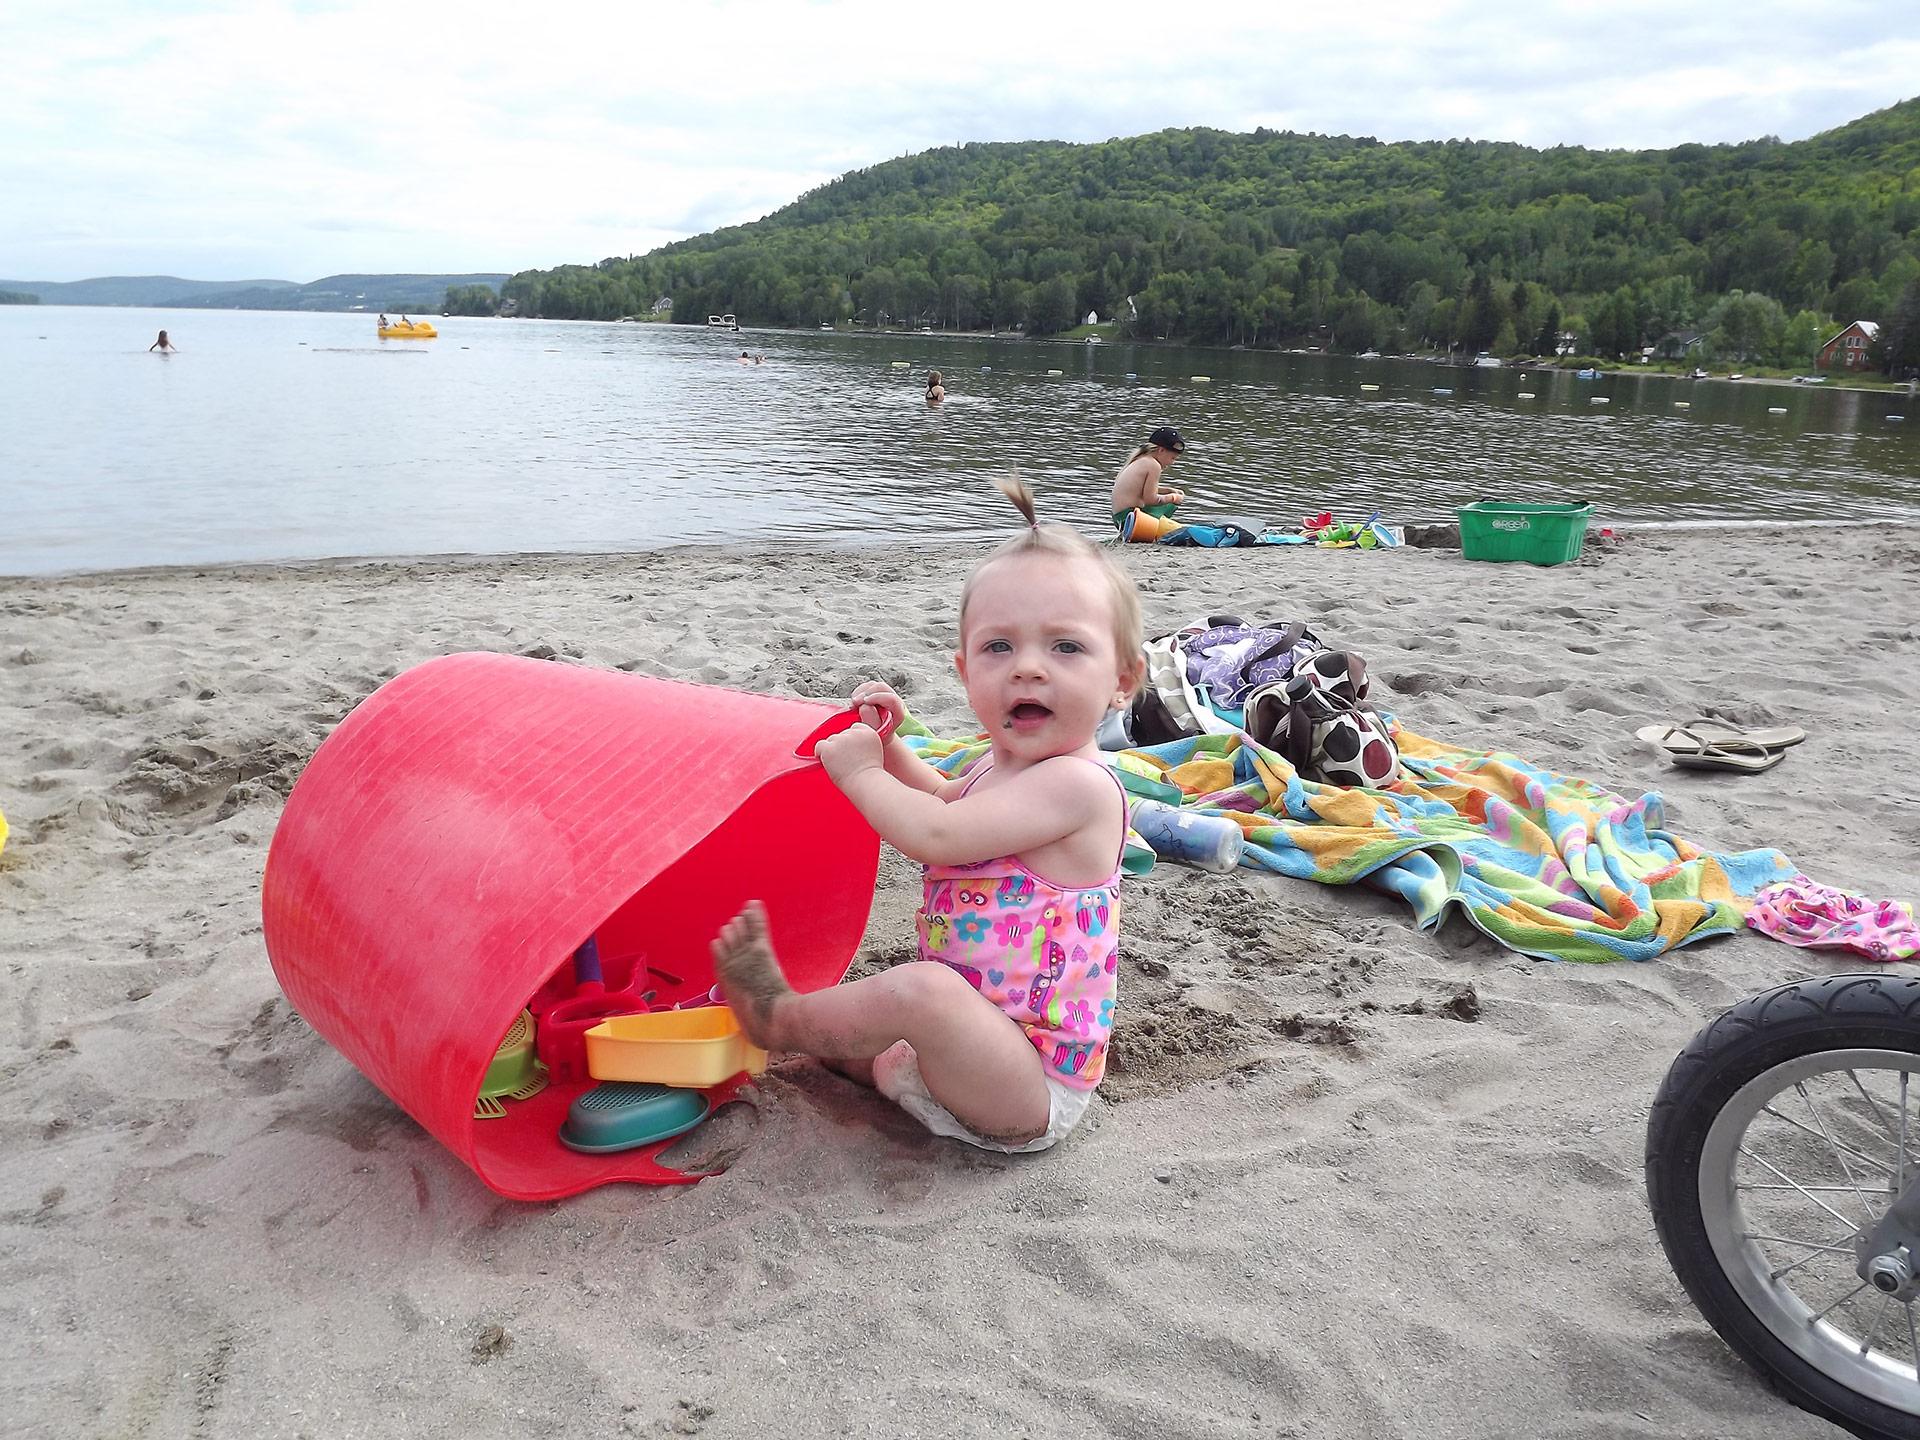 Un bébé joue sur la plage du lac Pohénégamook